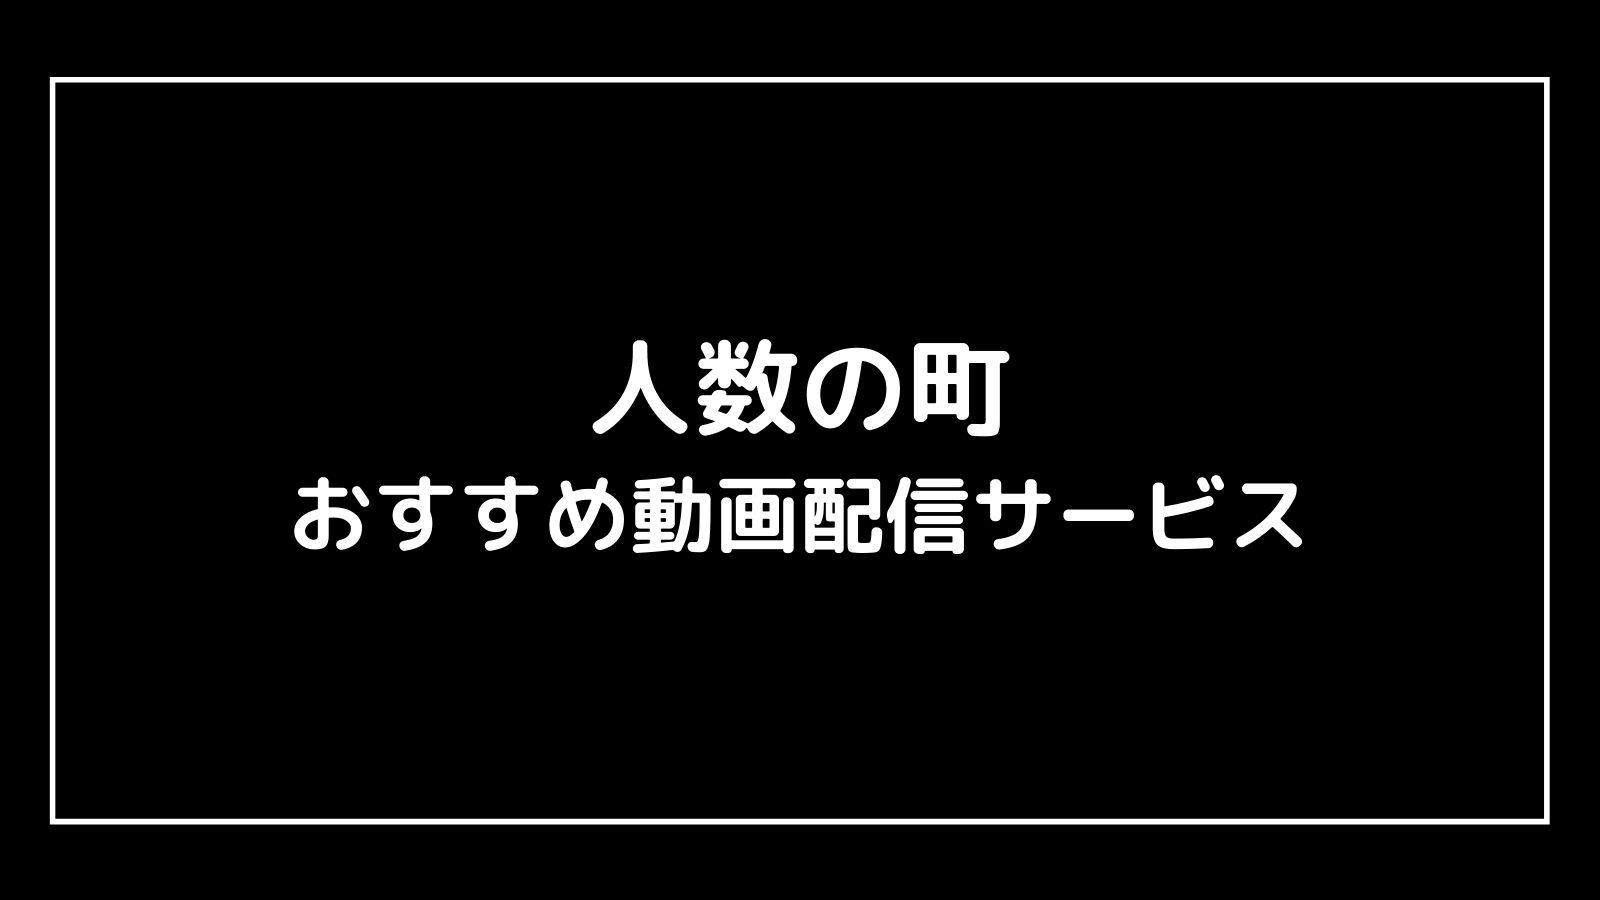 『人数の町』の無料映画をフル視聴できる動画配信サービス【中村倫也主演】